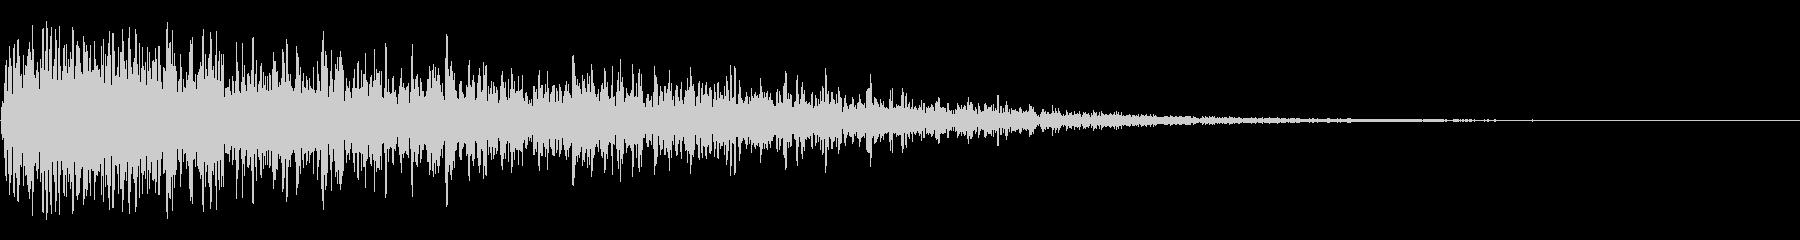 ディープクラッシュインパクトの未再生の波形